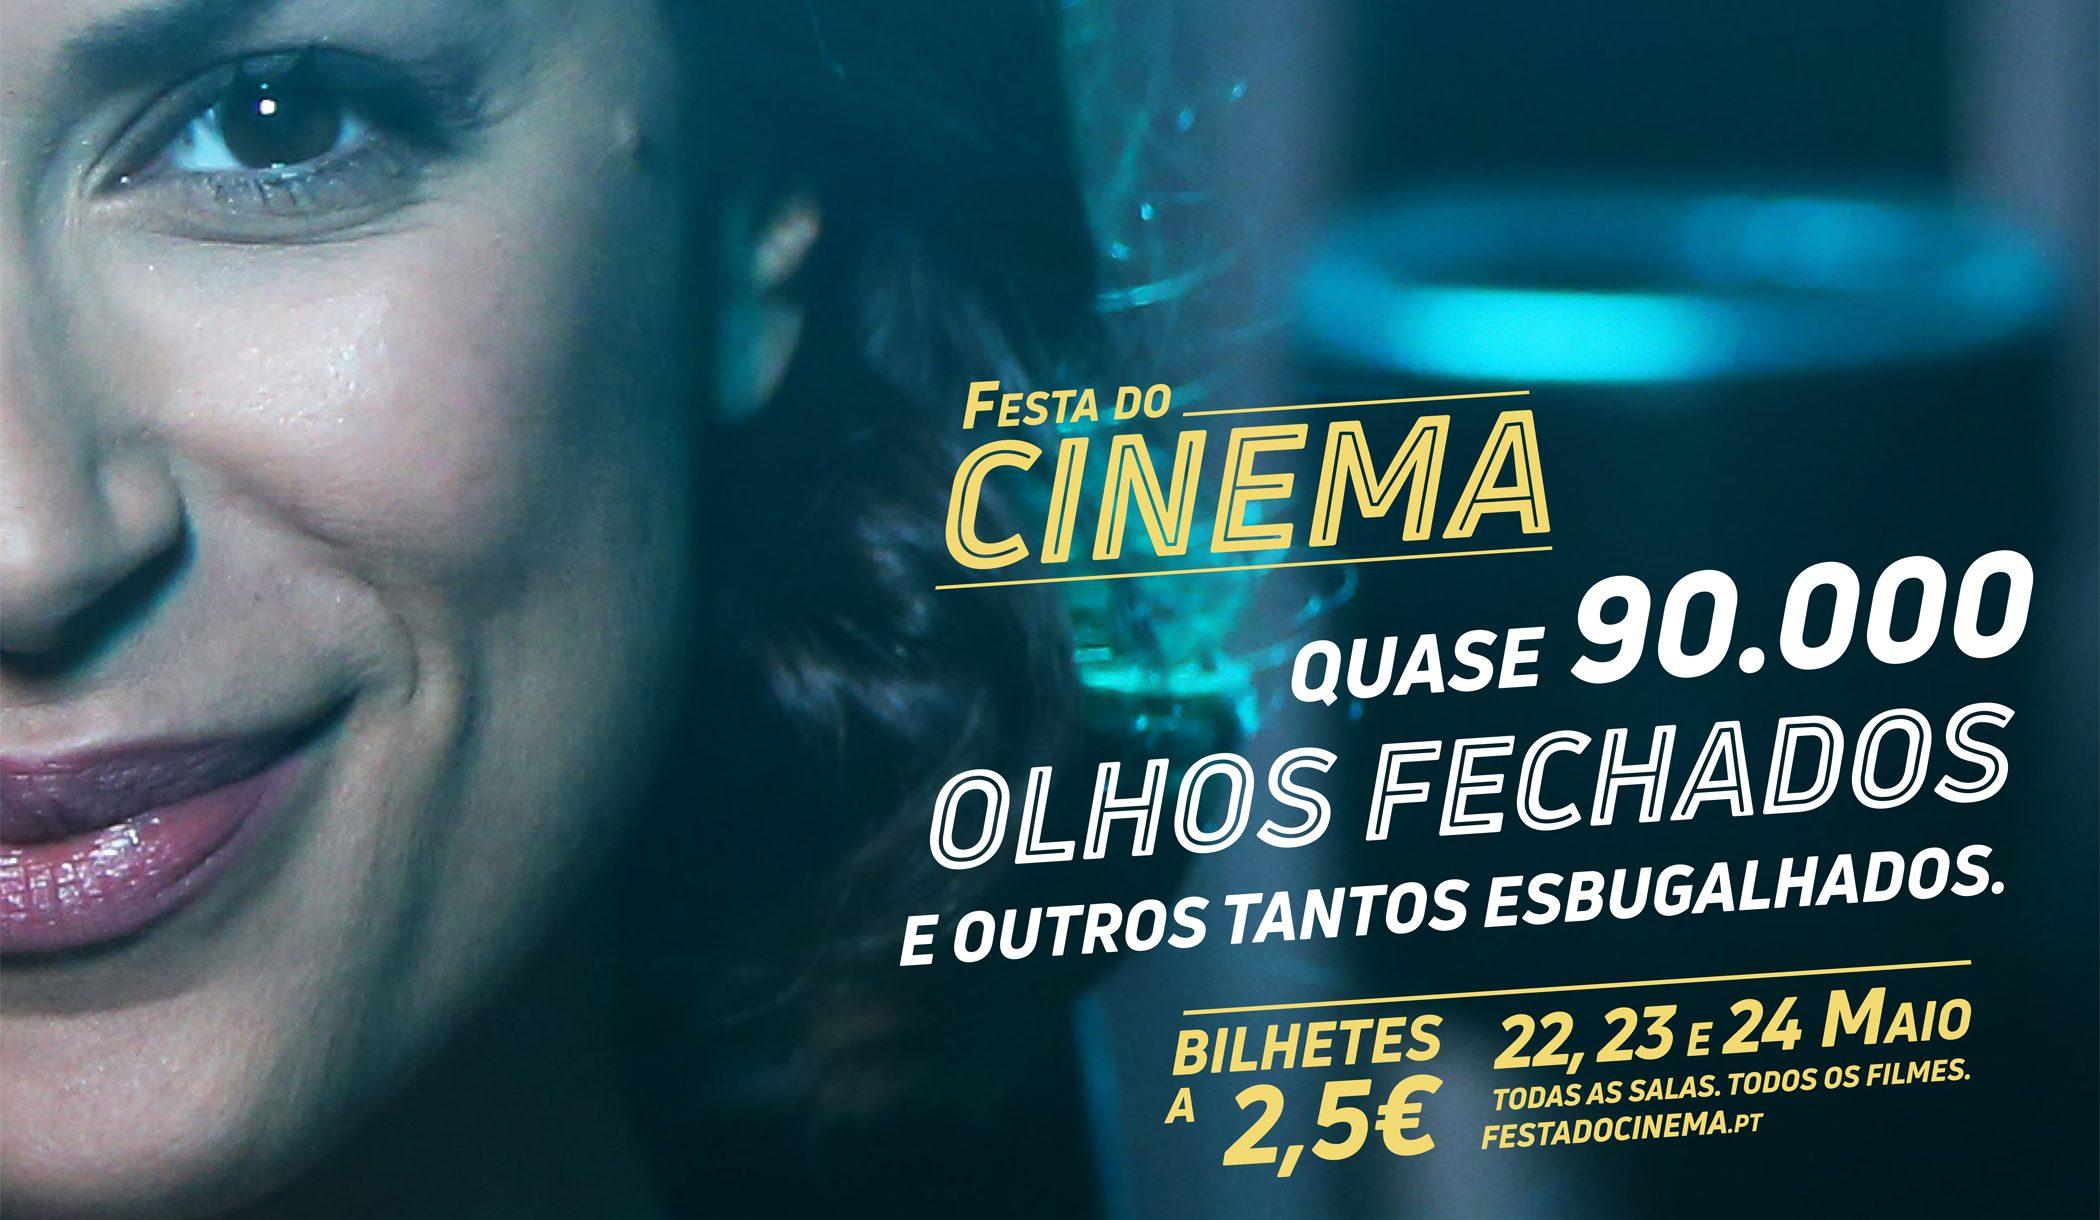 https://cinemaplanet.pt/wp-content/uploads/2017/05/festa-do-cinema.jpg